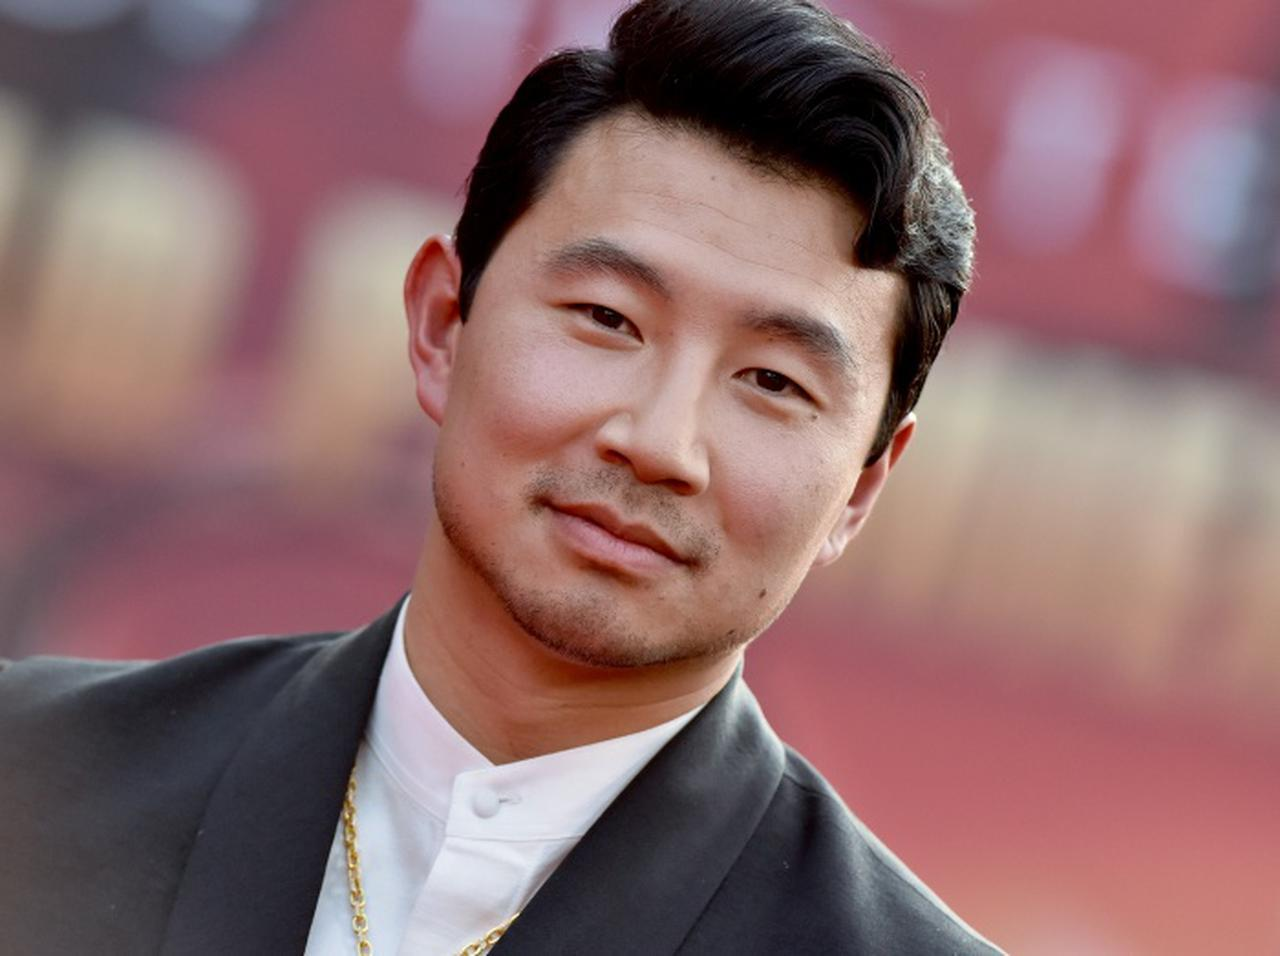 画像: 『シャン・チー』シム・リウが語る、MCUでアジア系ヒーローが描かれることの重要性 - フロントロウ -海外セレブ&海外カルチャー情報を発信